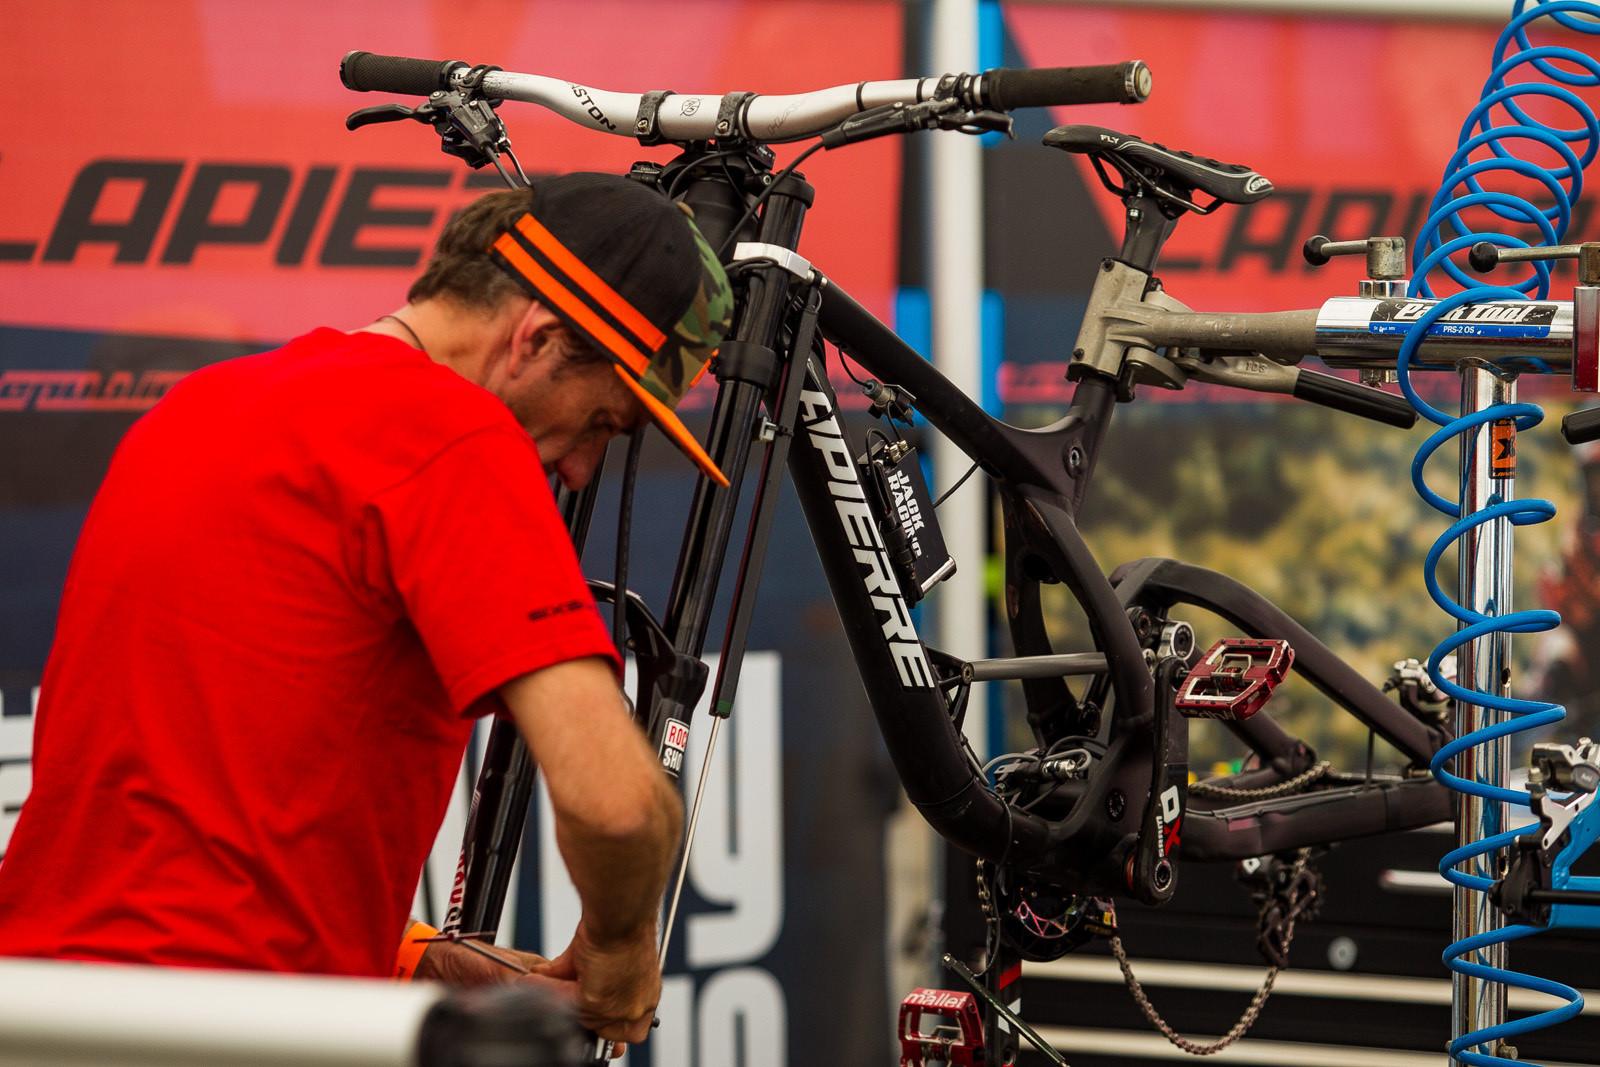 Lapierre's Data Acquisition Setup - PIT BITS - World Cup Lenzerheide, Switzerland - Mountain Biking Pictures - Vital MTB